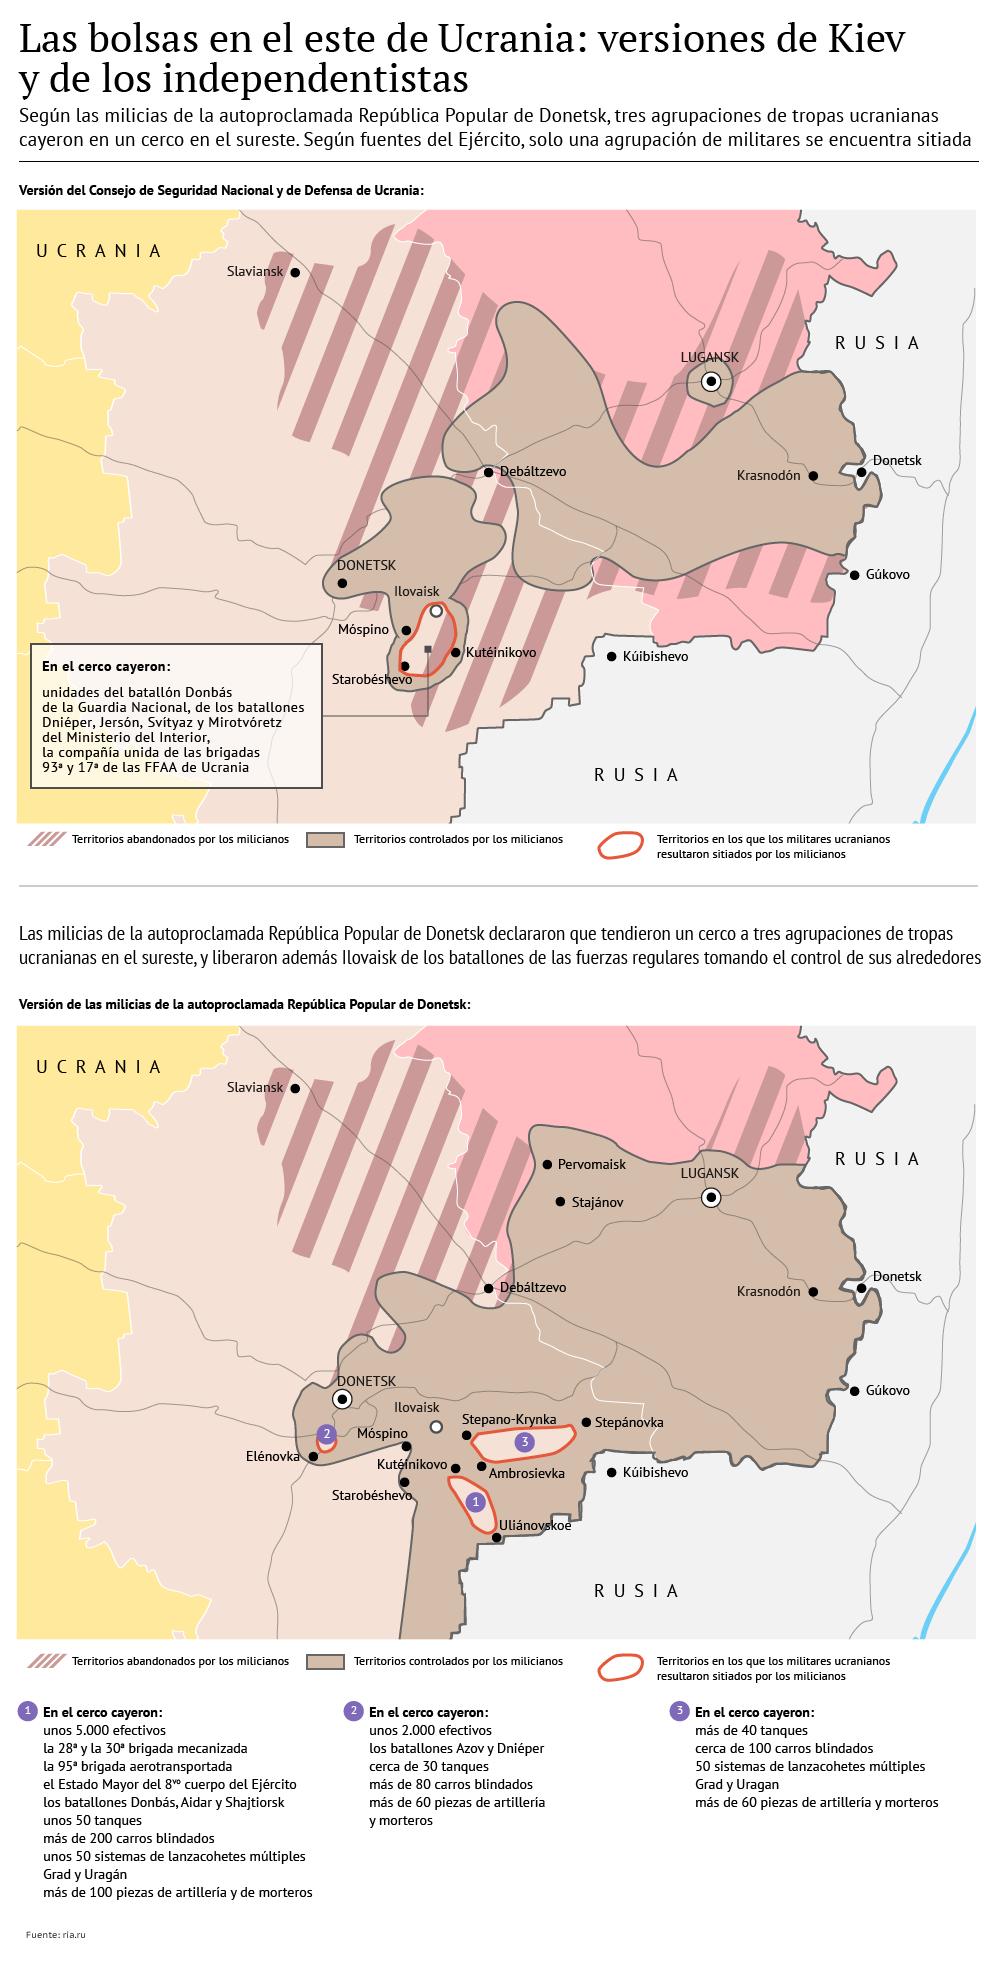 Las bolsas en el este de Ucrania: versiones del Ejército y de los milicianos - Sputnik Mundo